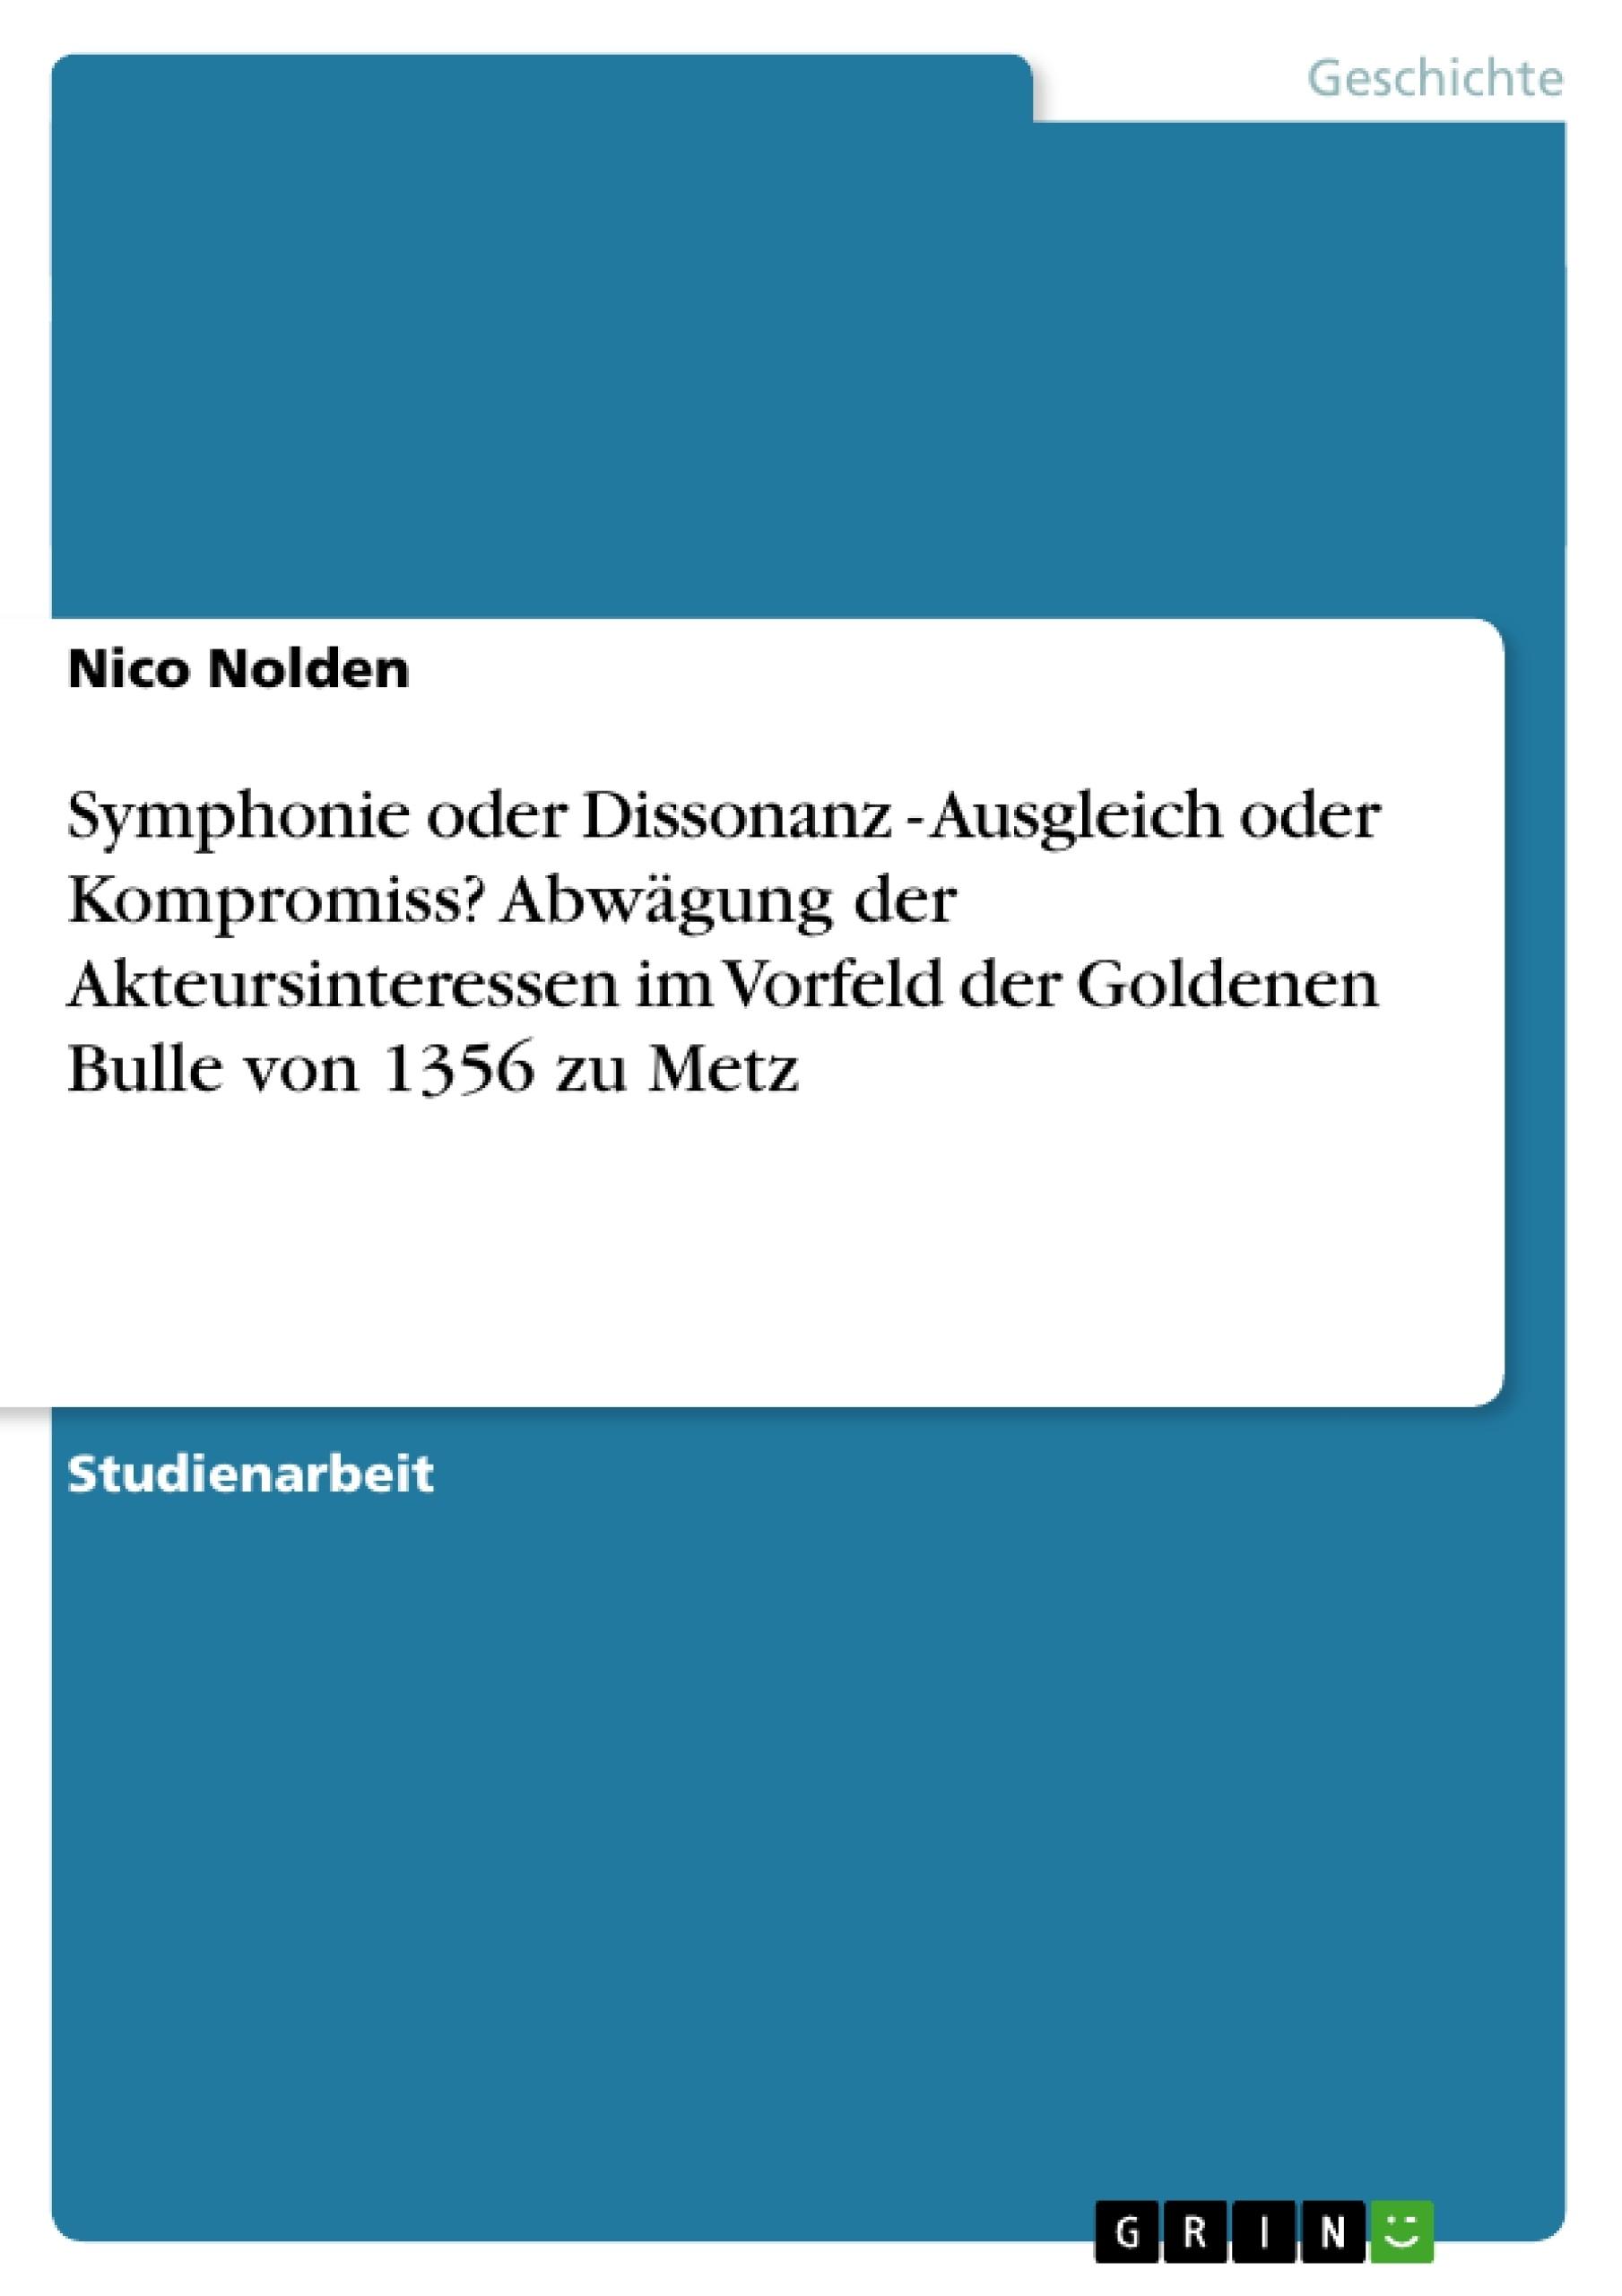 Titel: Symphonie oder Dissonanz - Ausgleich oder Kompromiss? Abwägung der Akteursinteressen im Vorfeld der Goldenen Bulle von 1356 zu Metz